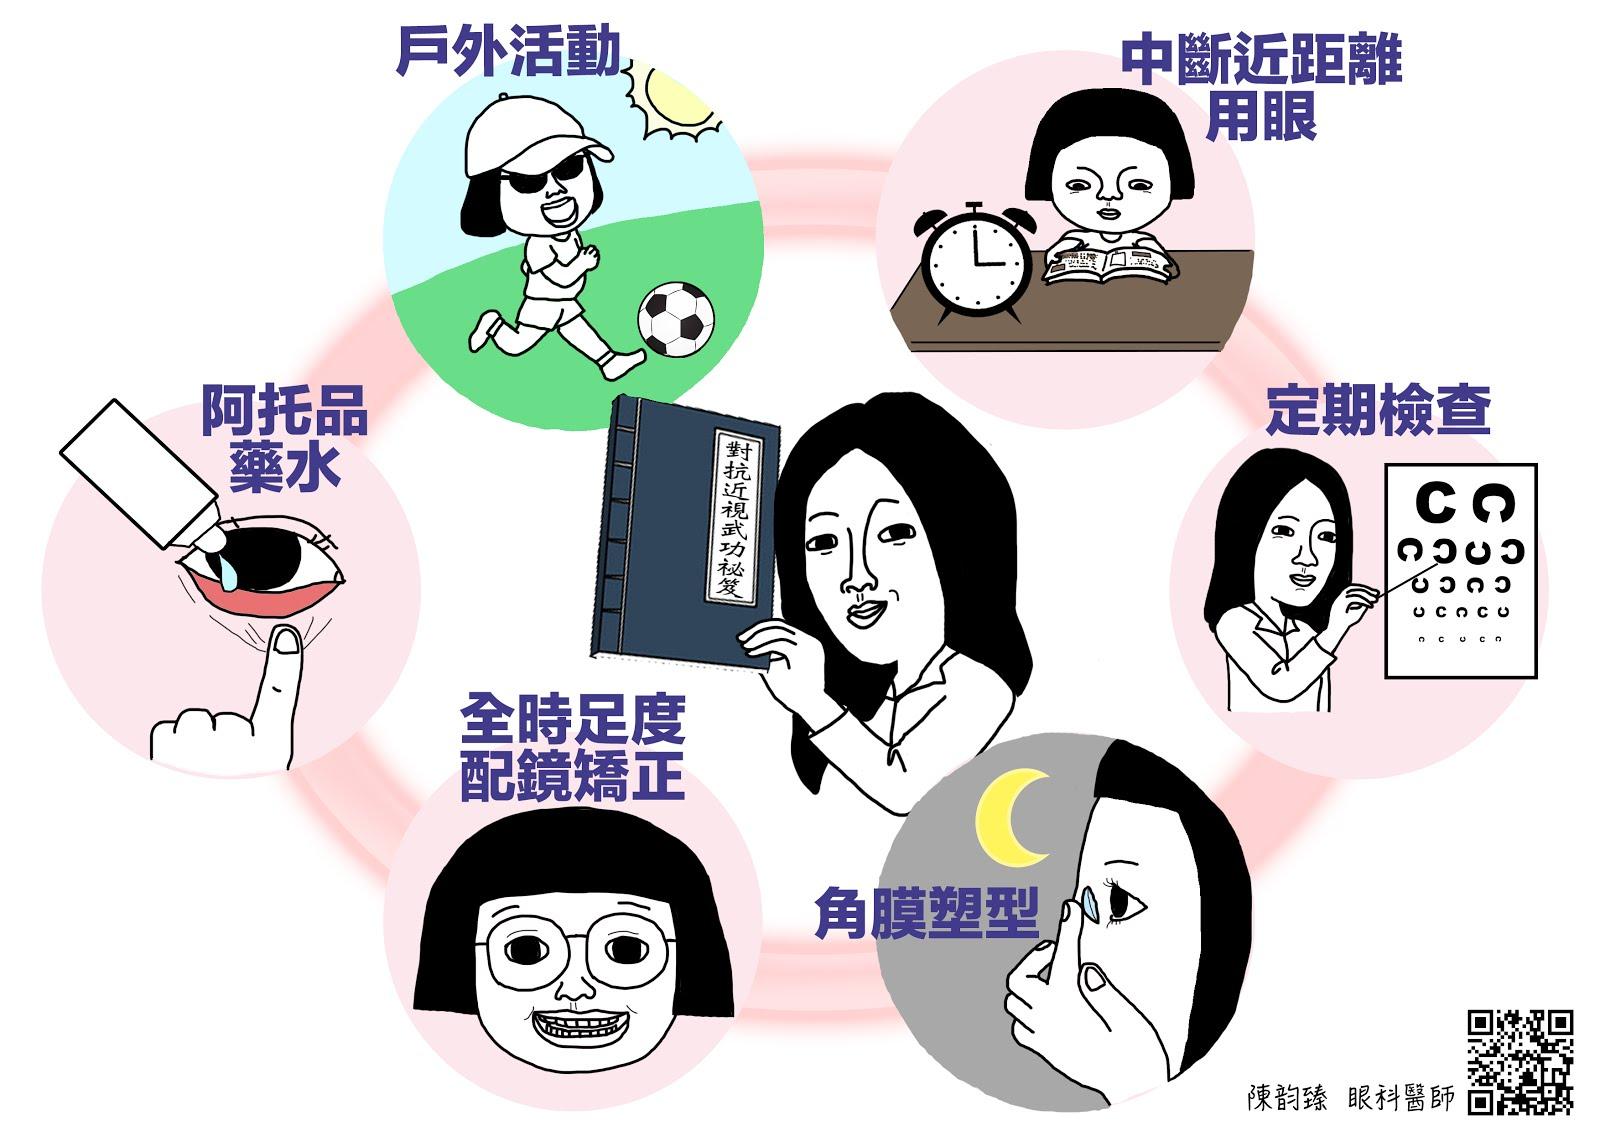 陳韻臻眼科醫師: 近視有救嗎?矯正方式比一比